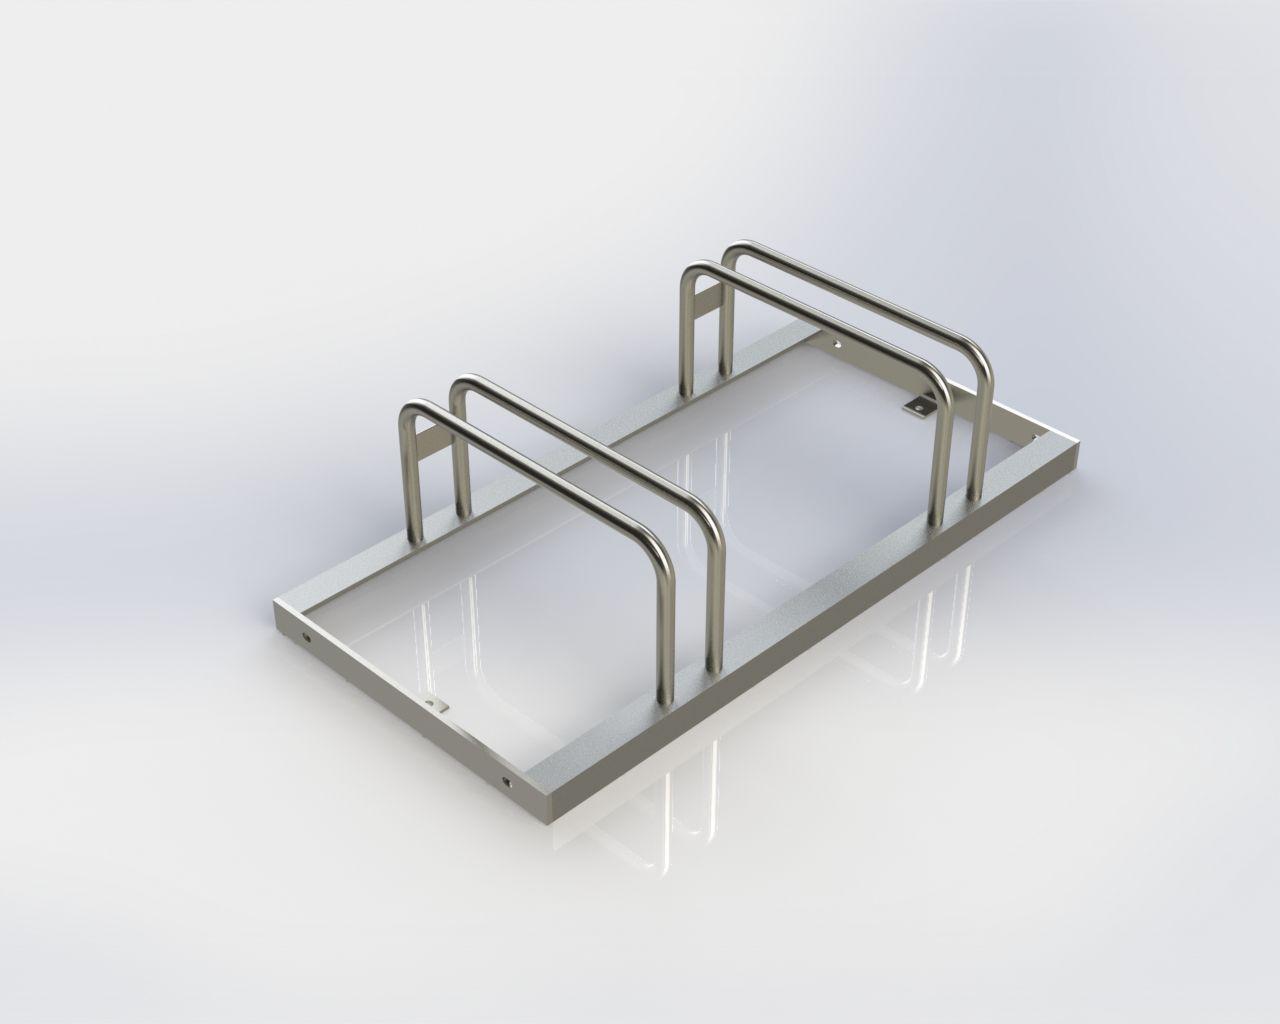 Stahl Fahrradständer Aus Verzinktem Stahl Verzinkter Stahl